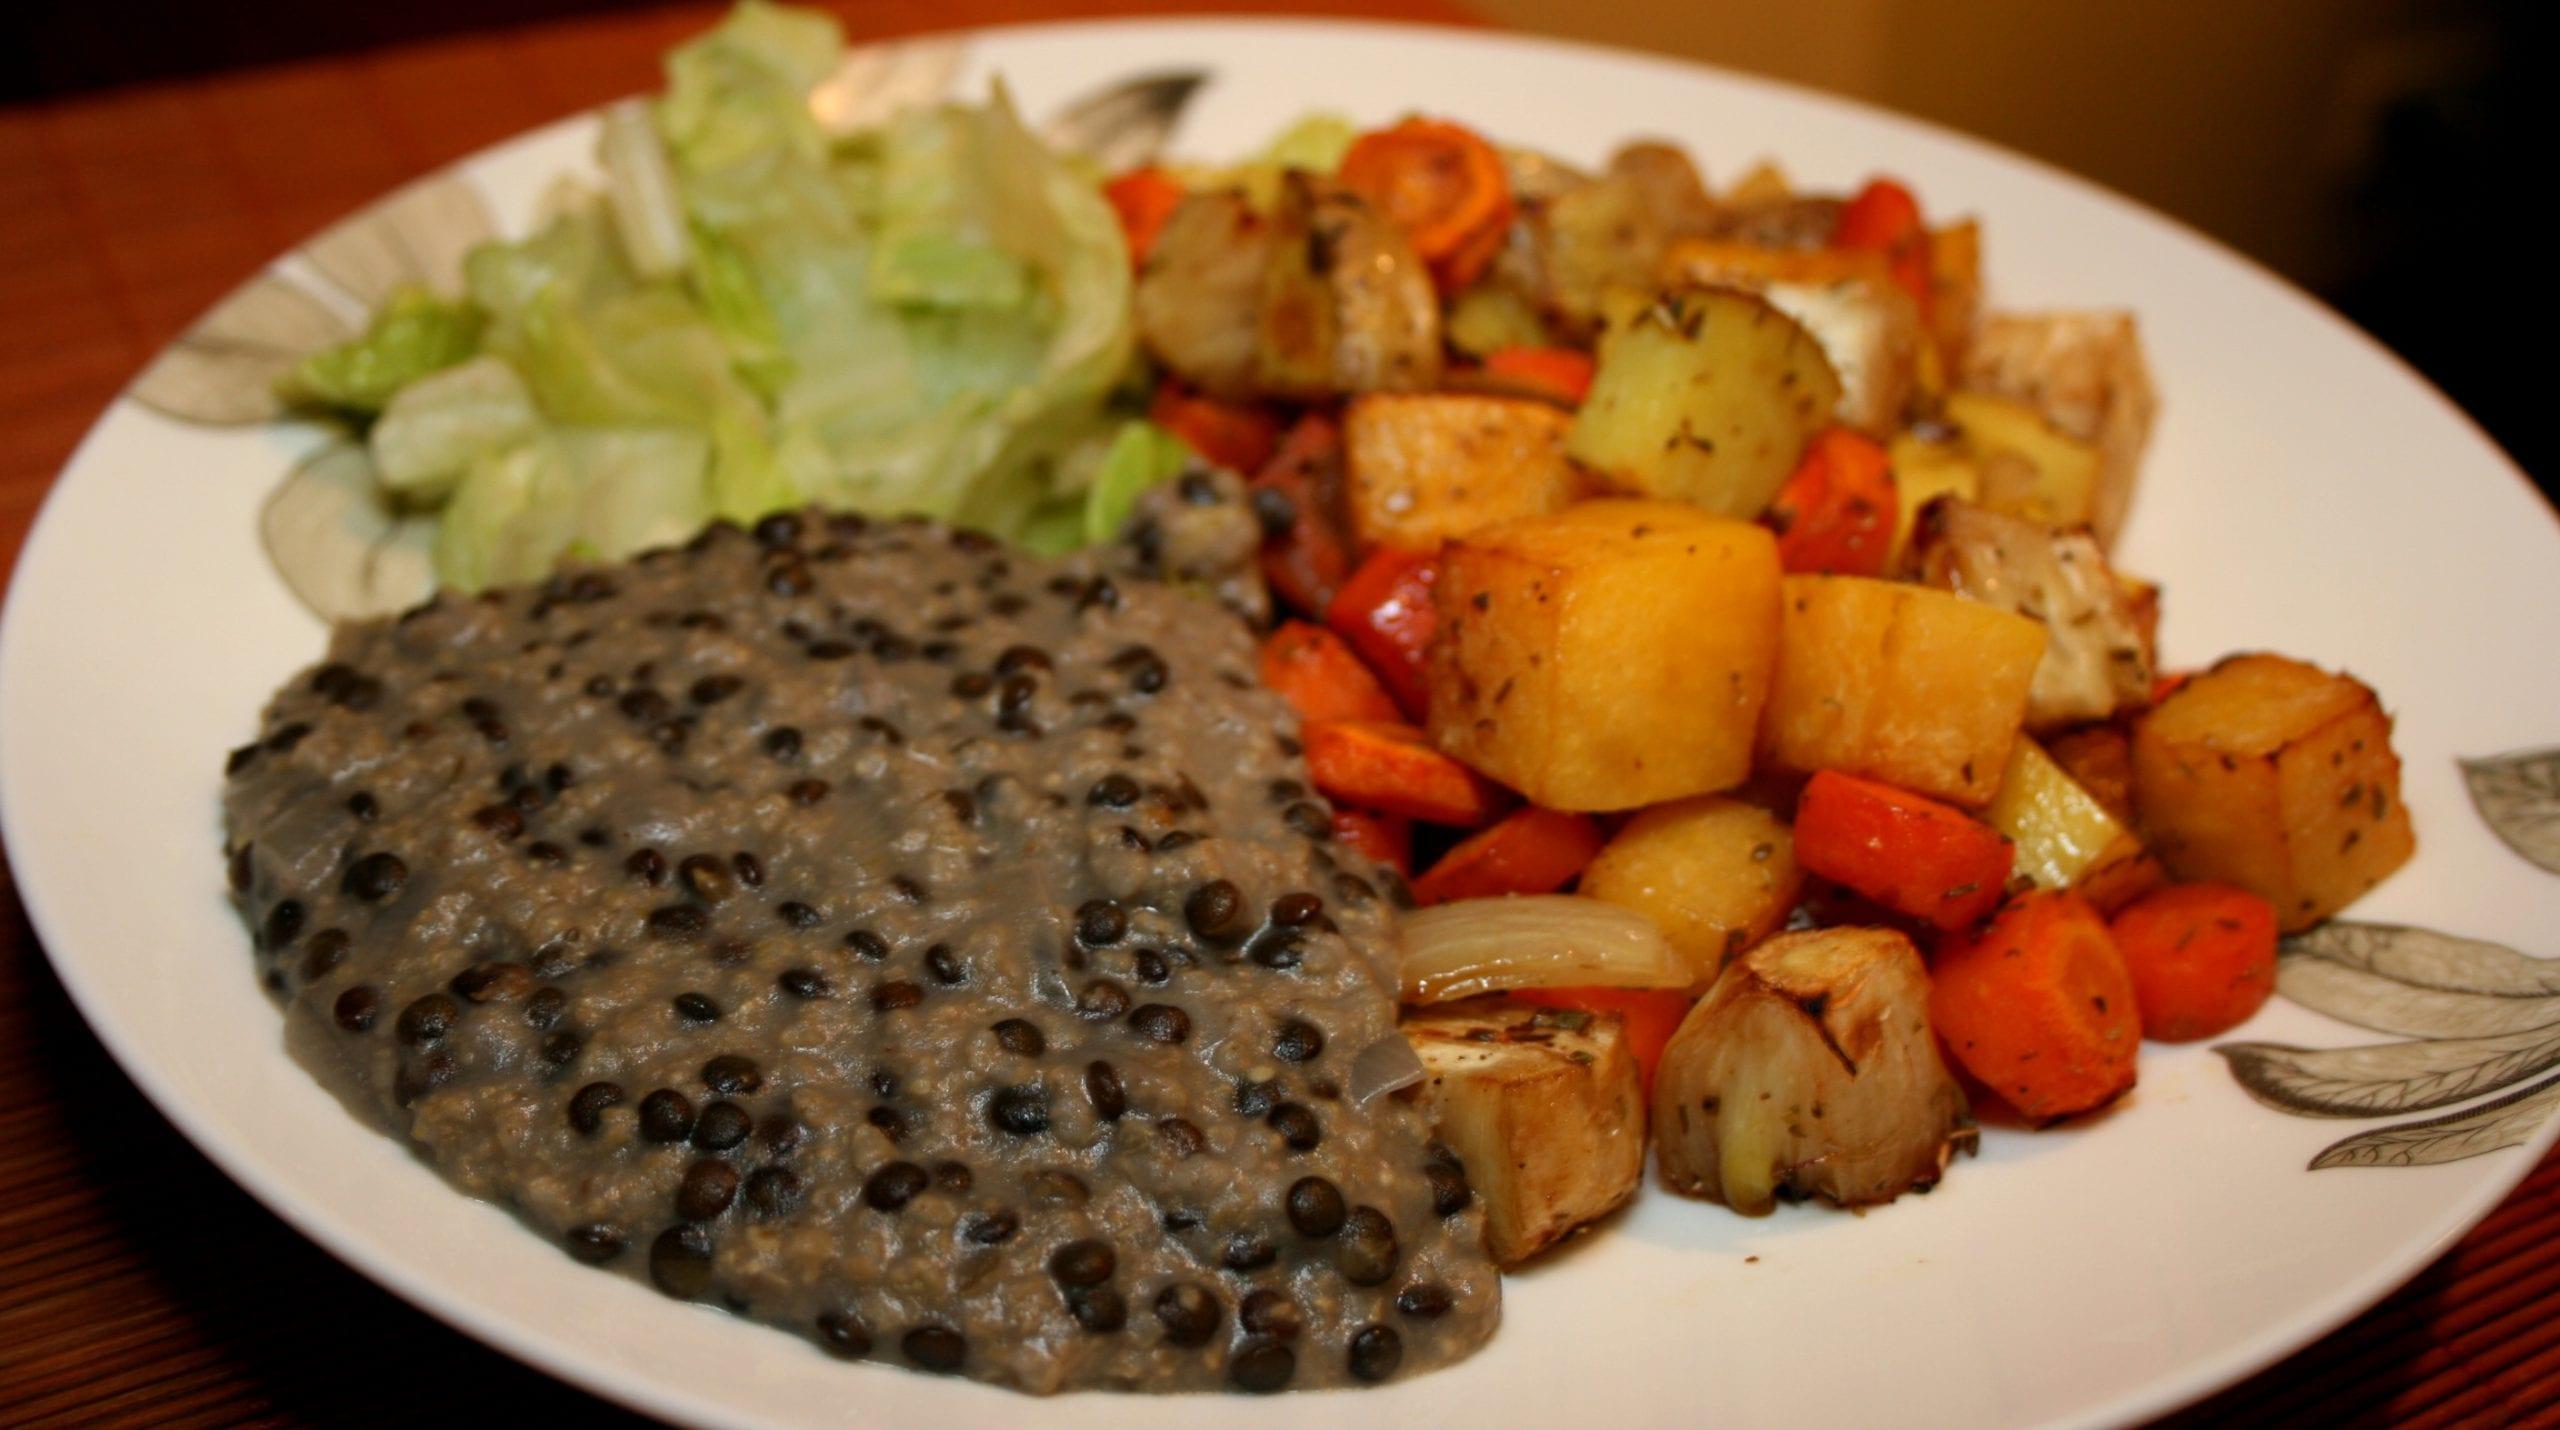 millet, beluga lentils, oven-baked vegetables, green salad